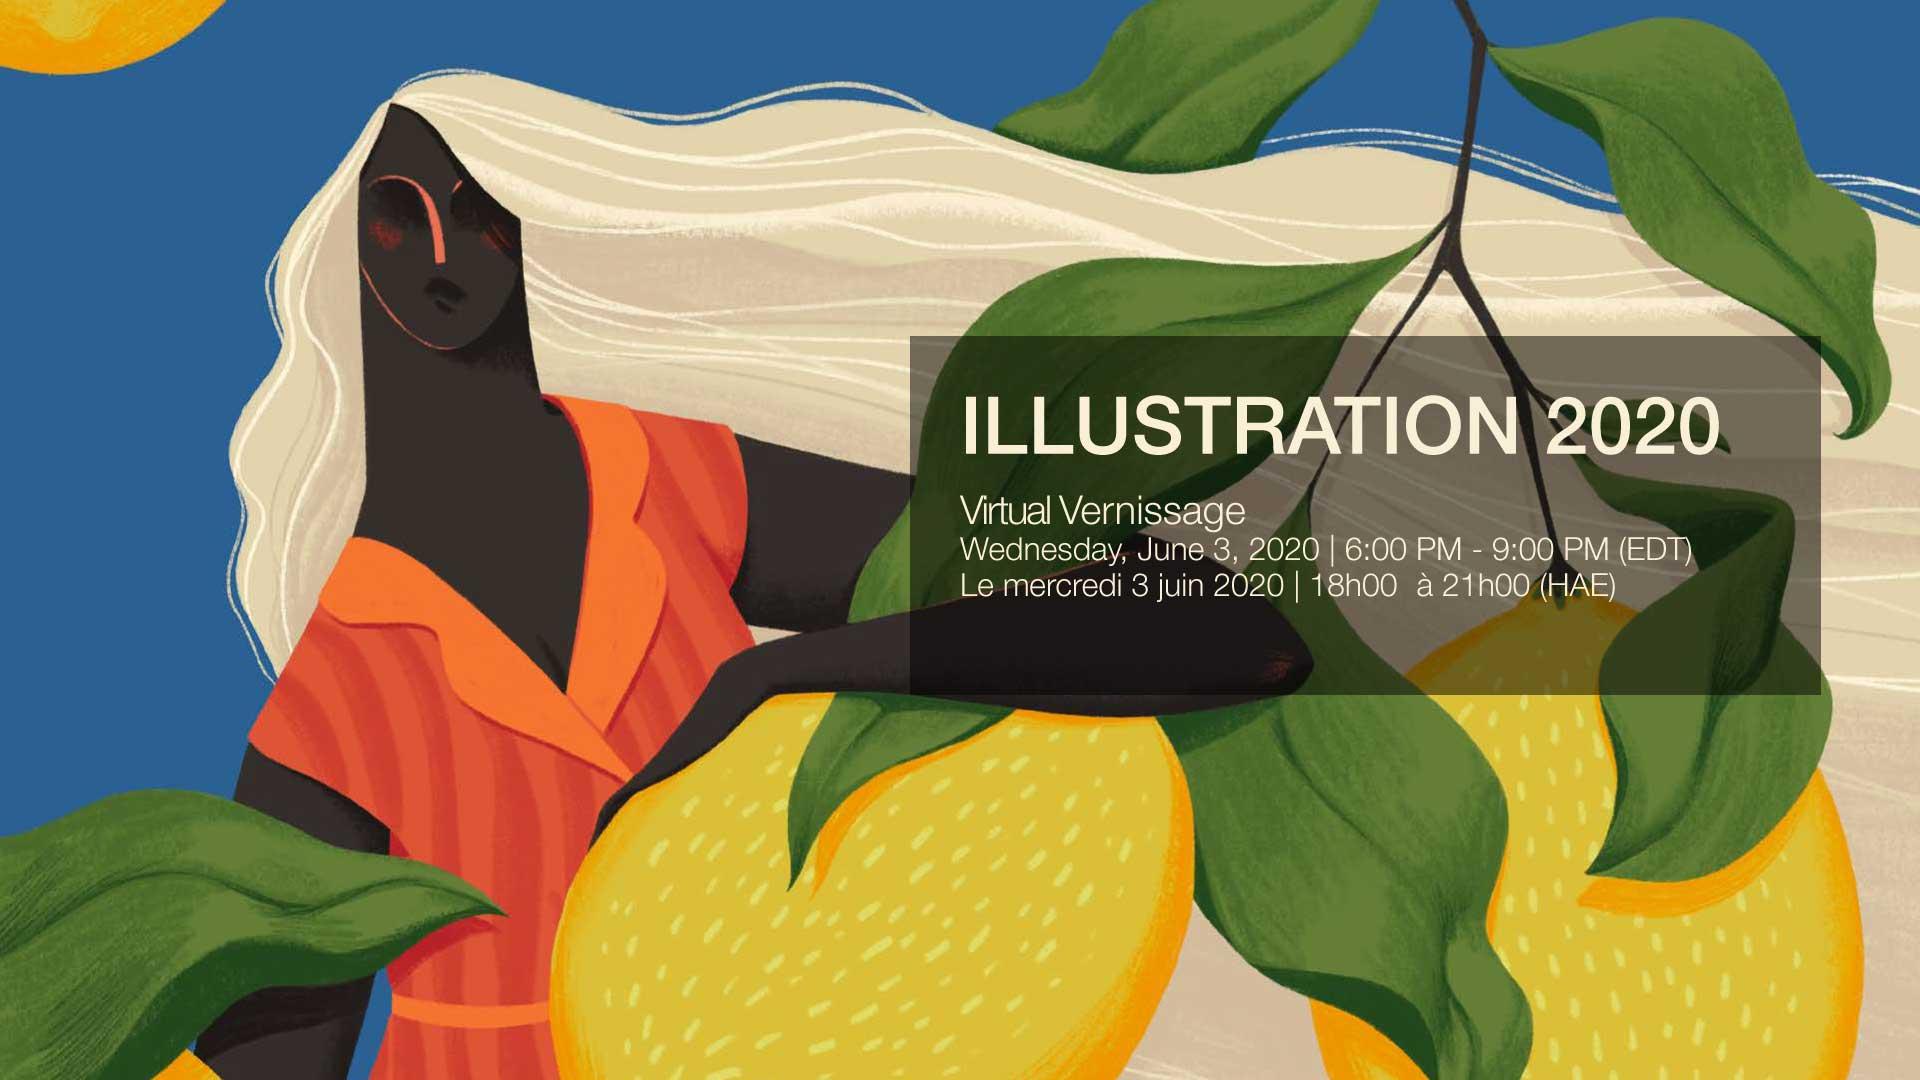 Vernissage_2020_illustration-home-banner3